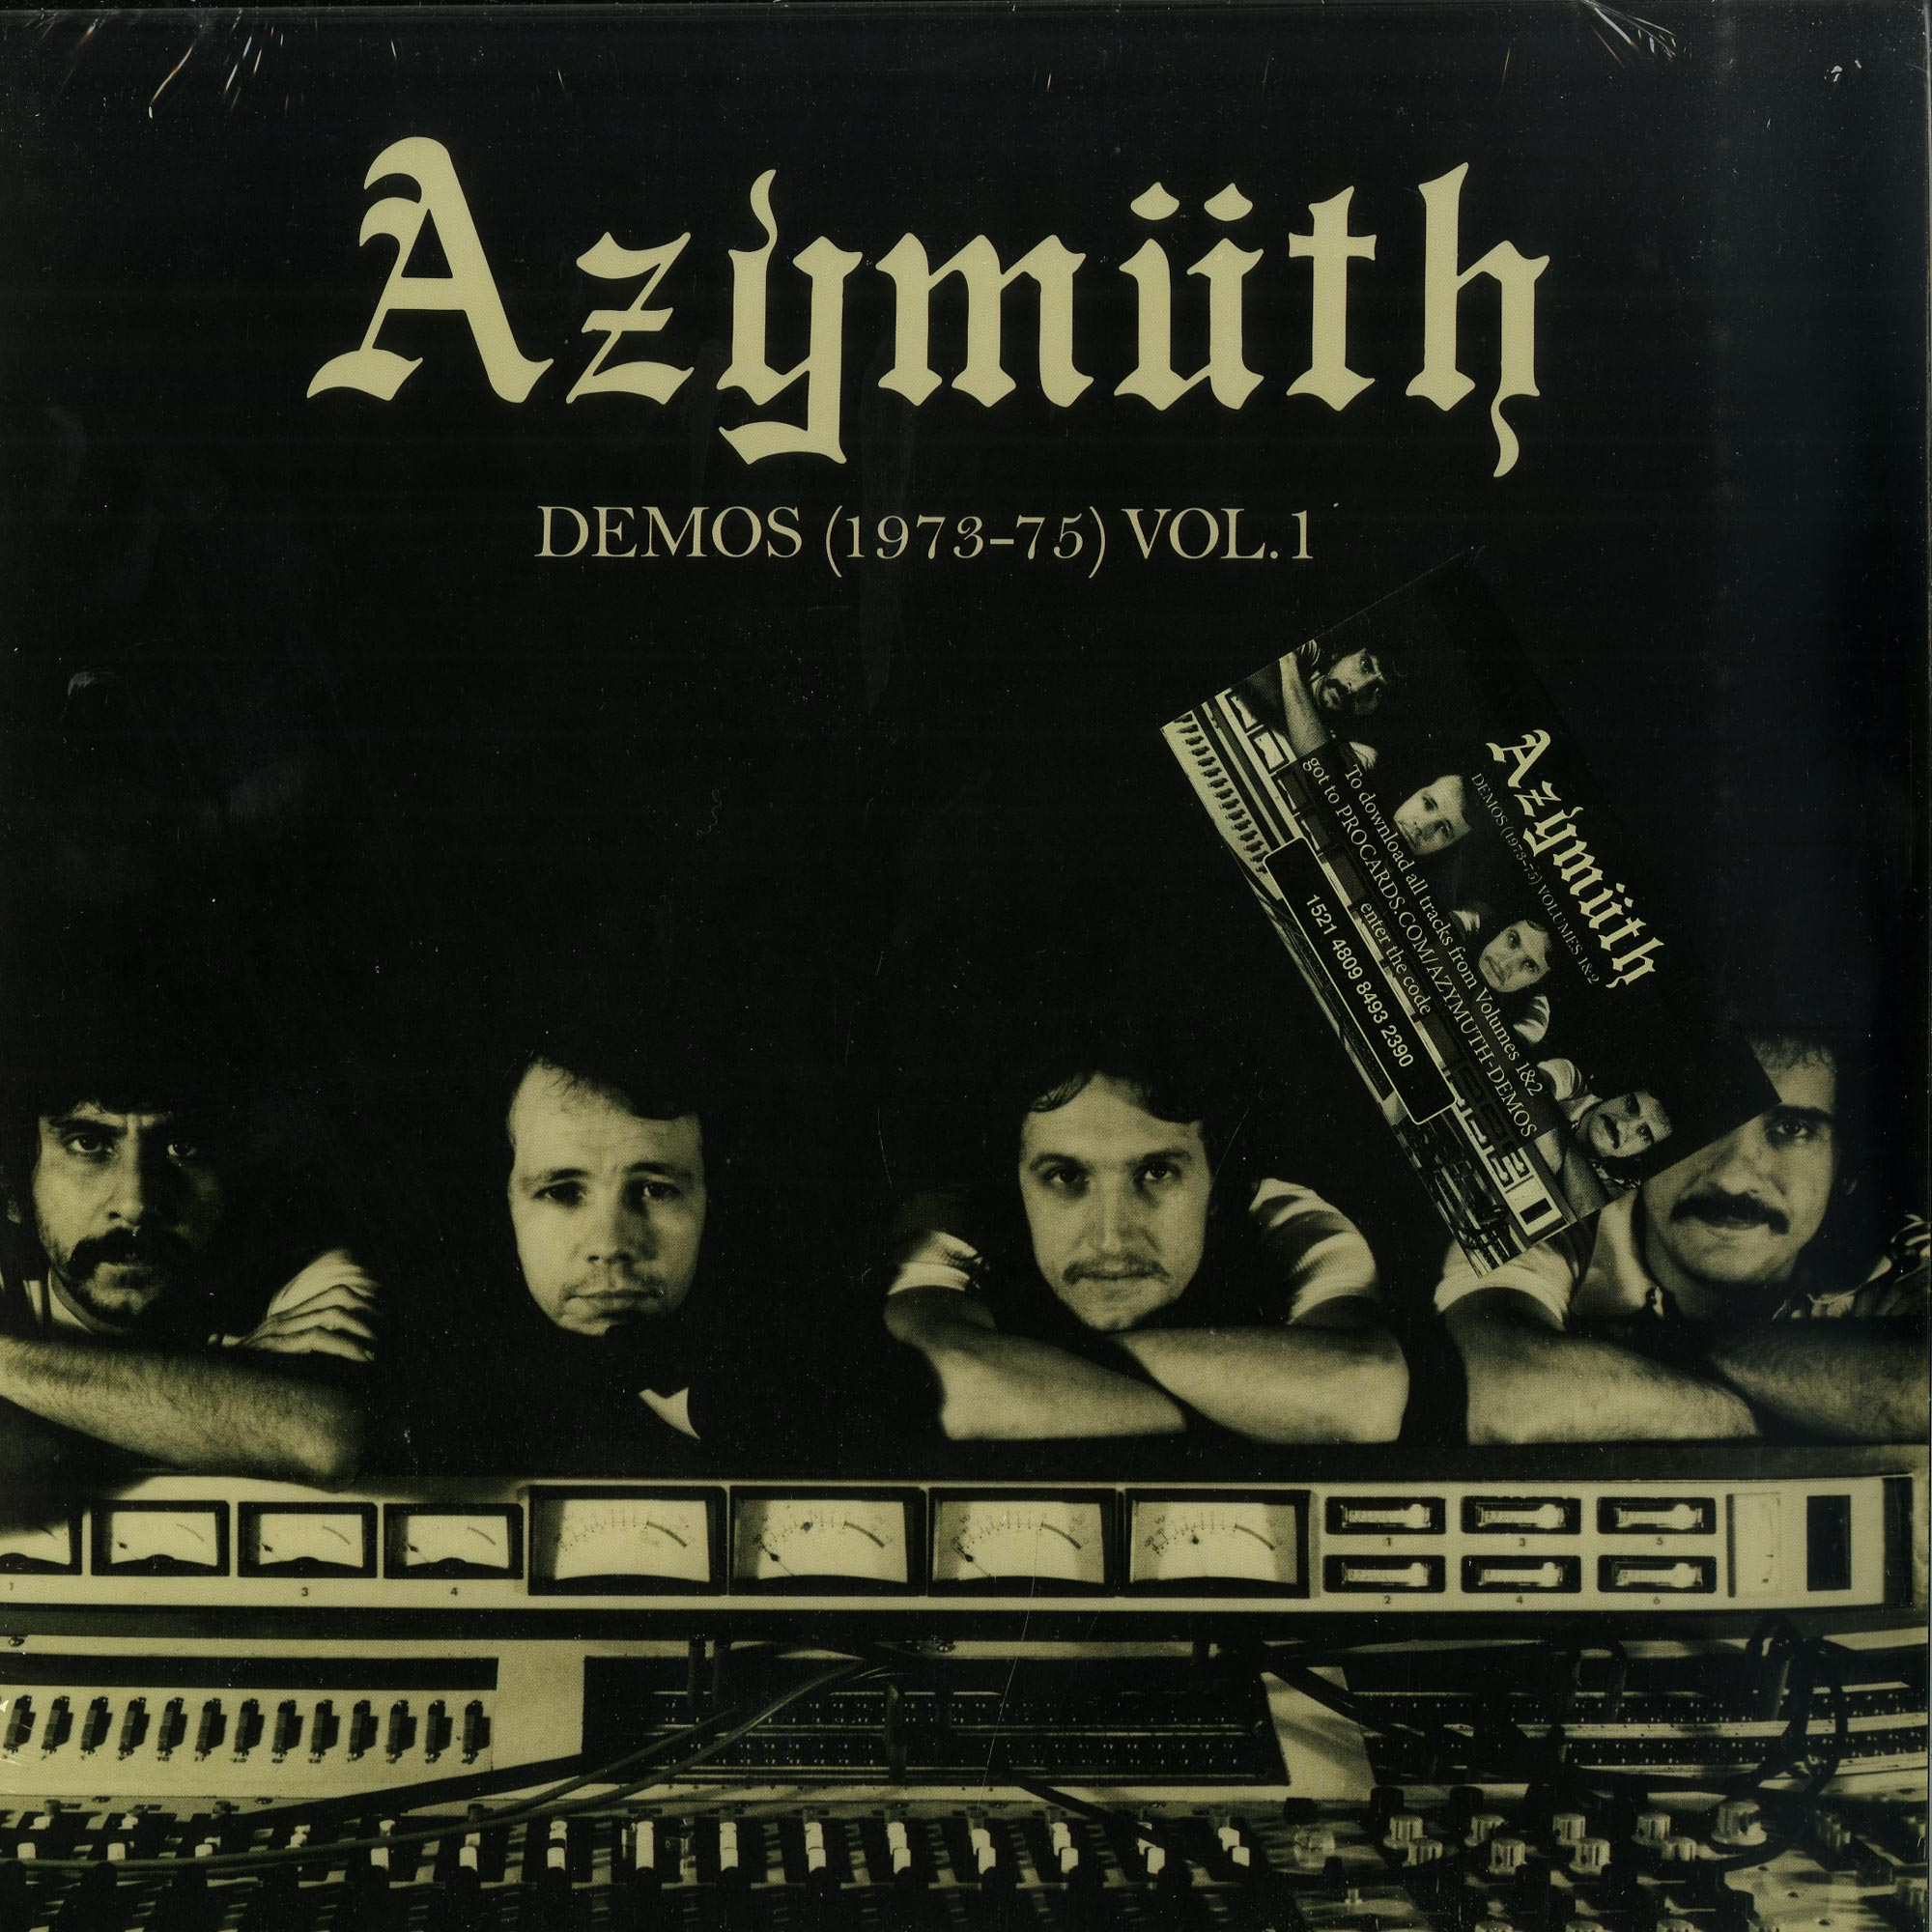 Azymuth - DEMOS